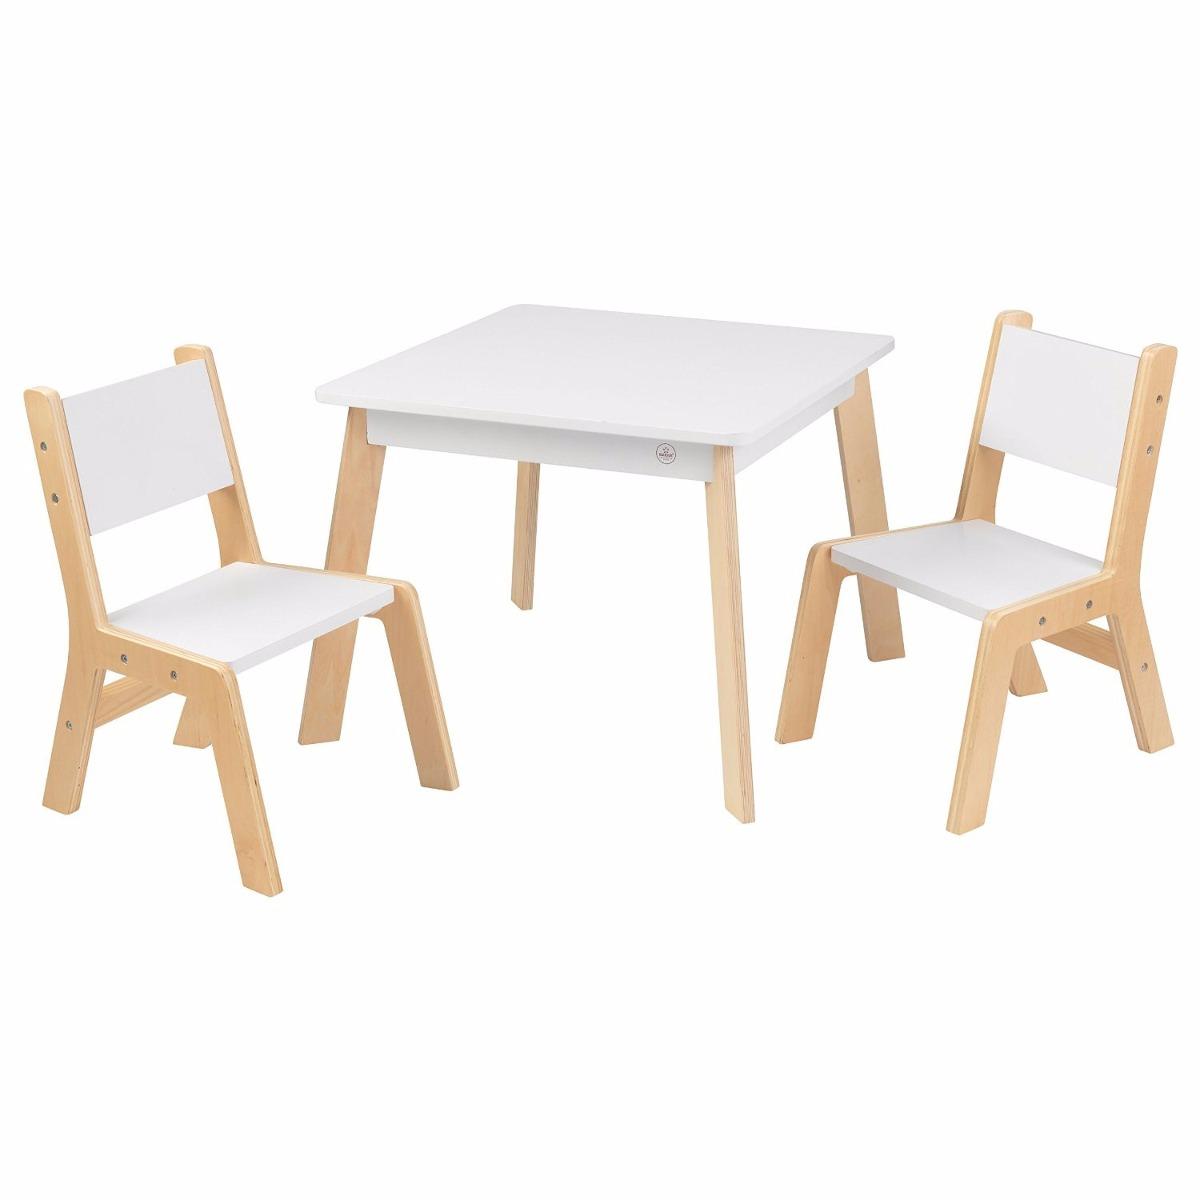 Kidkraft mesita con sillas mesa madera tarea arte infantil - Mesita con sillas infantiles ...